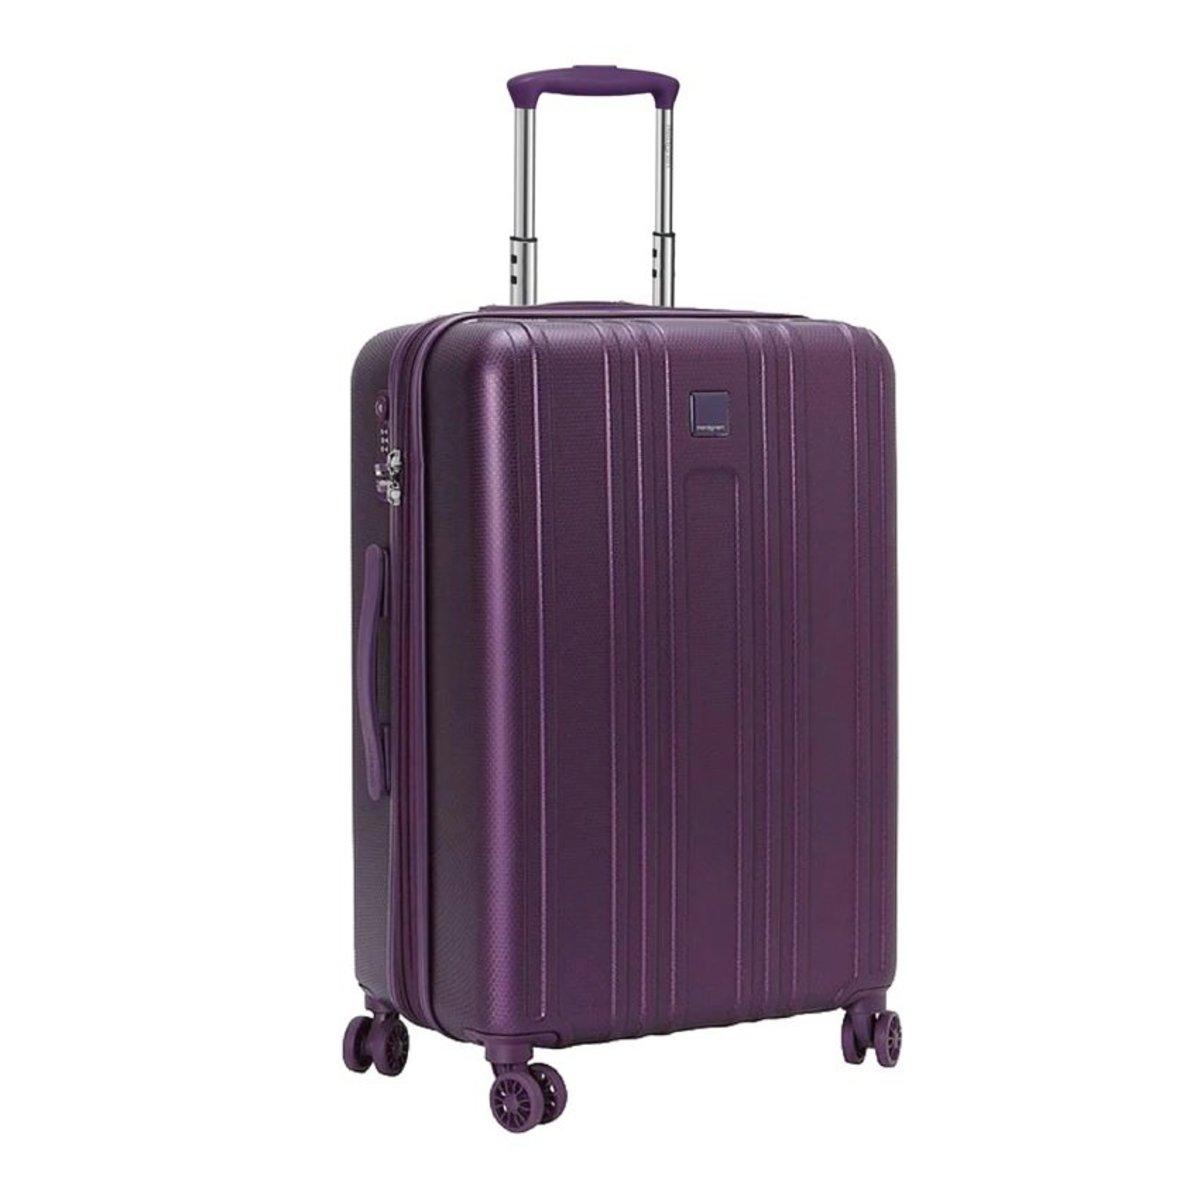 Hedgren 26吋可擴展行李箱(紫色)